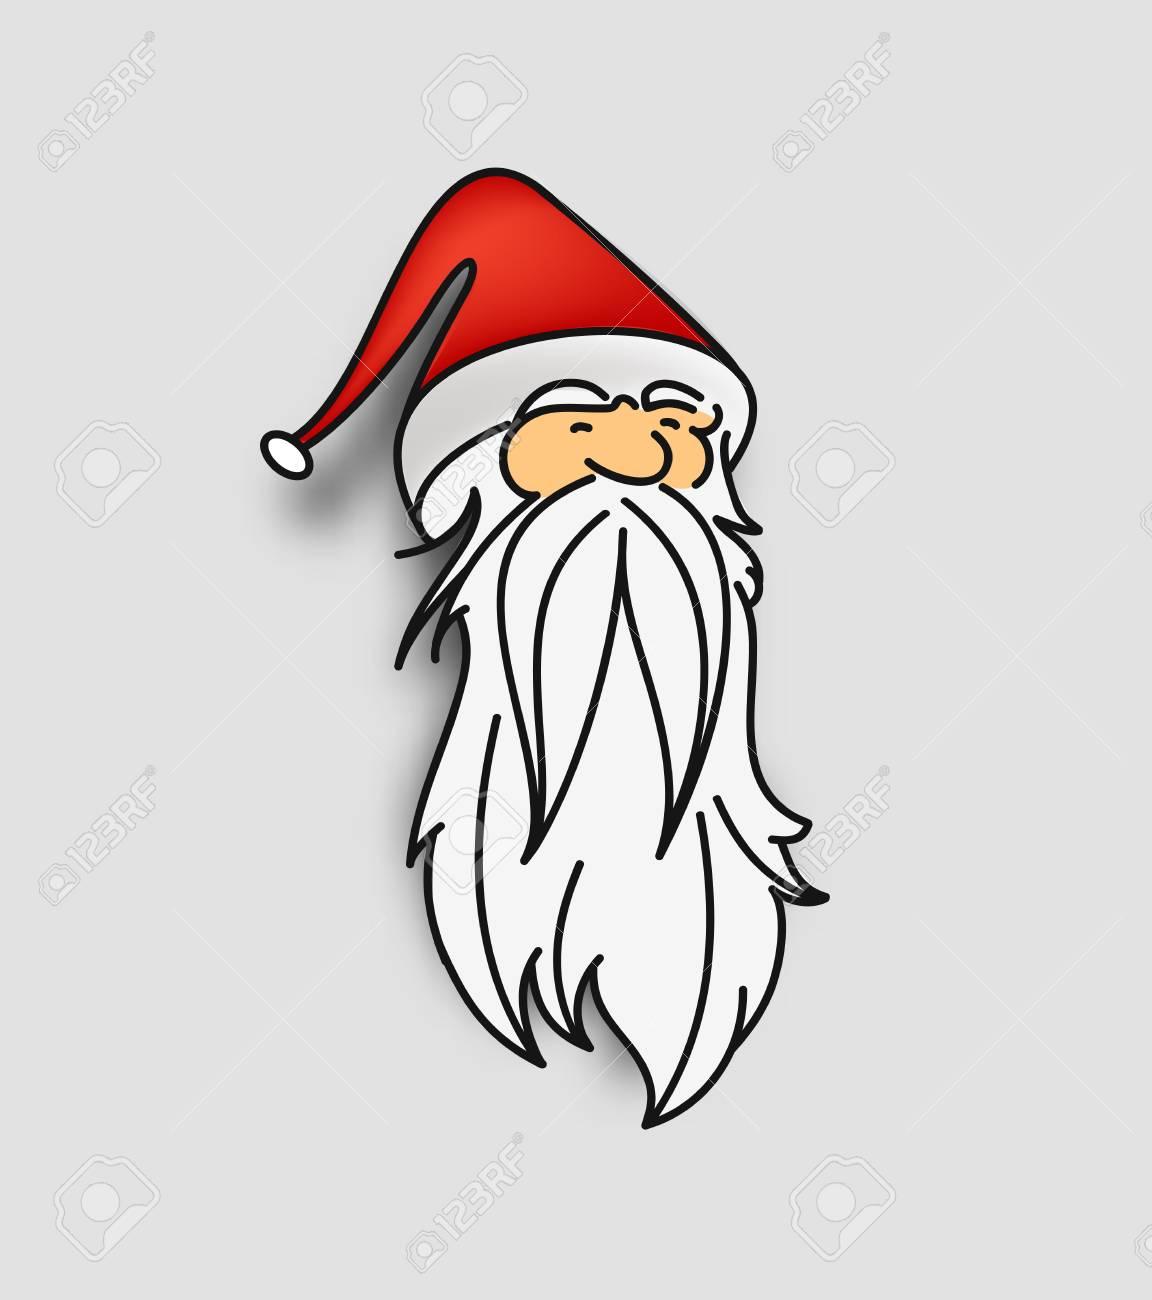 クリスマスの顔文字のサンタ クロースサンタ クロースのスタイルの漫画